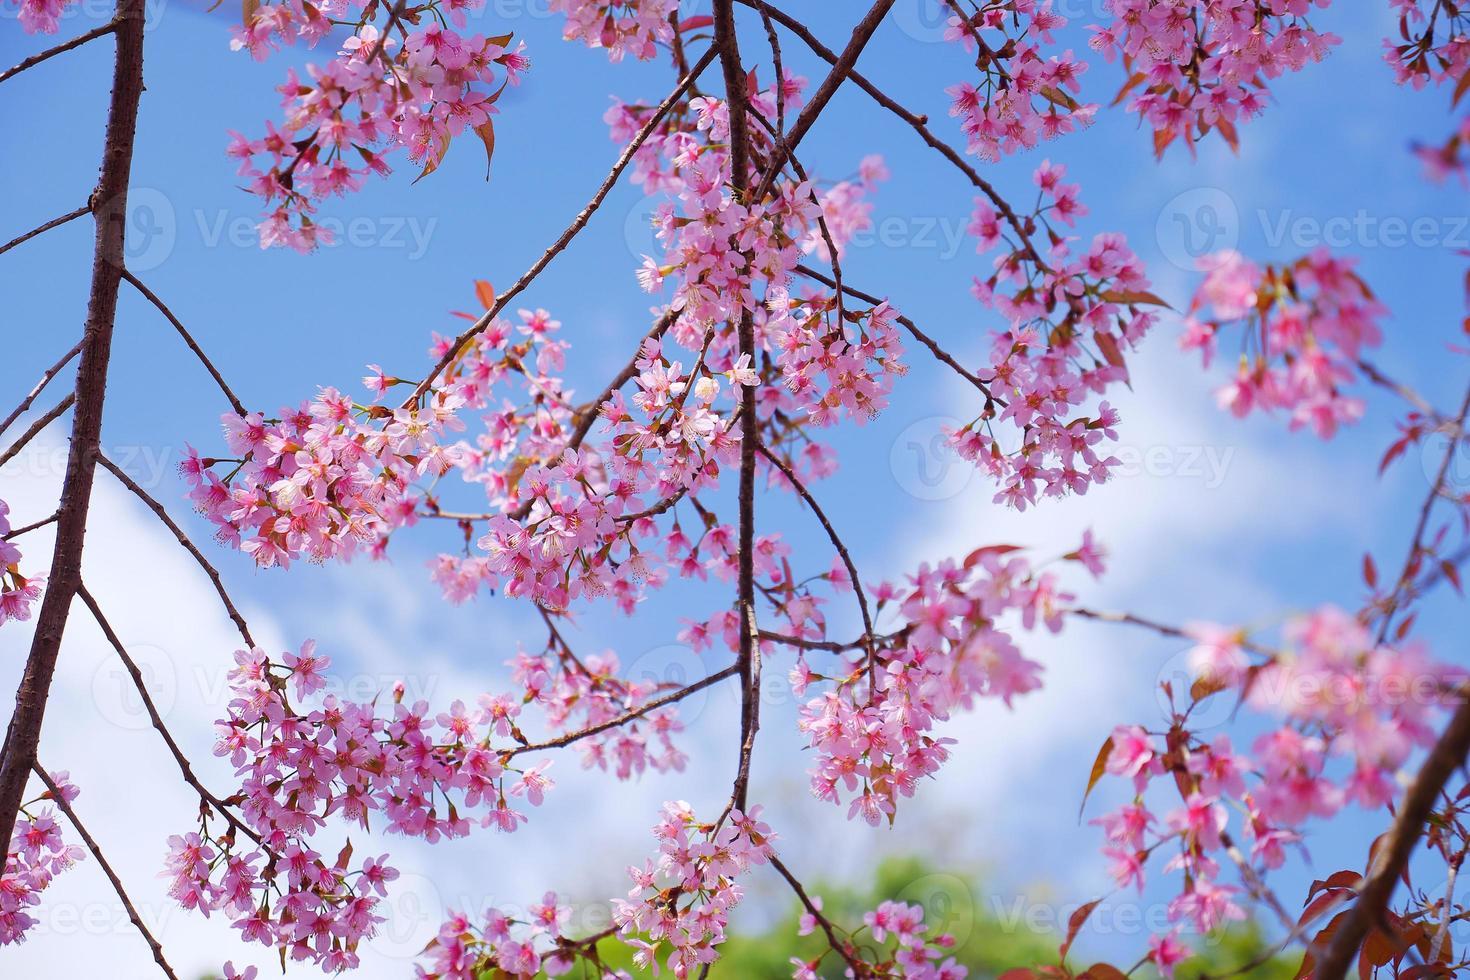 primavera rosa flores de cerezo con fondos de cielo azul foto